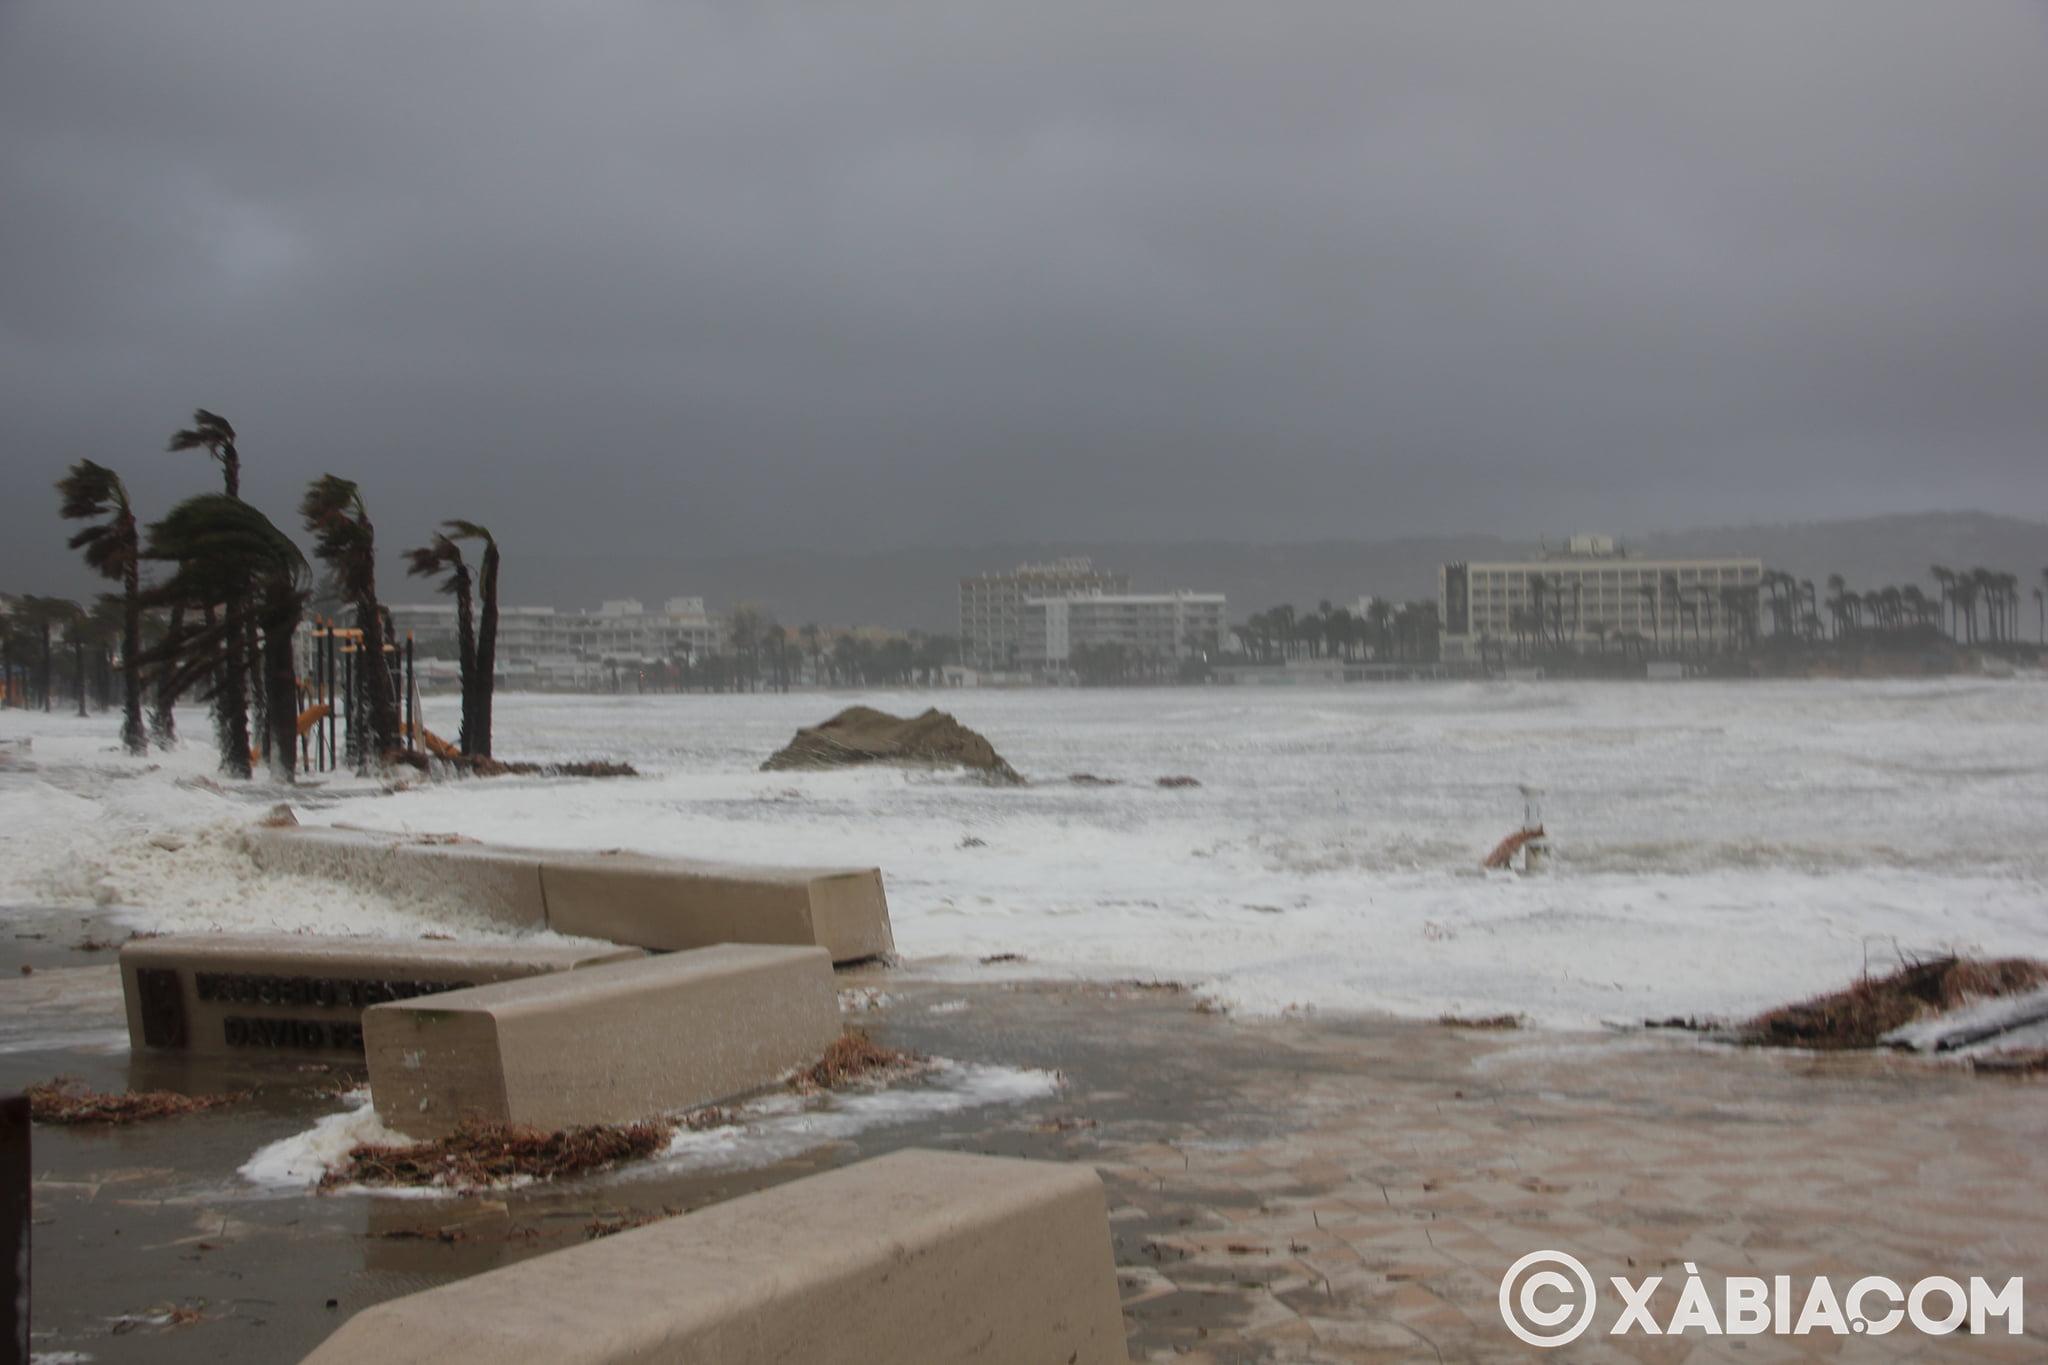 Brandelli di pioggia, vento e mare in Xàbia (22)